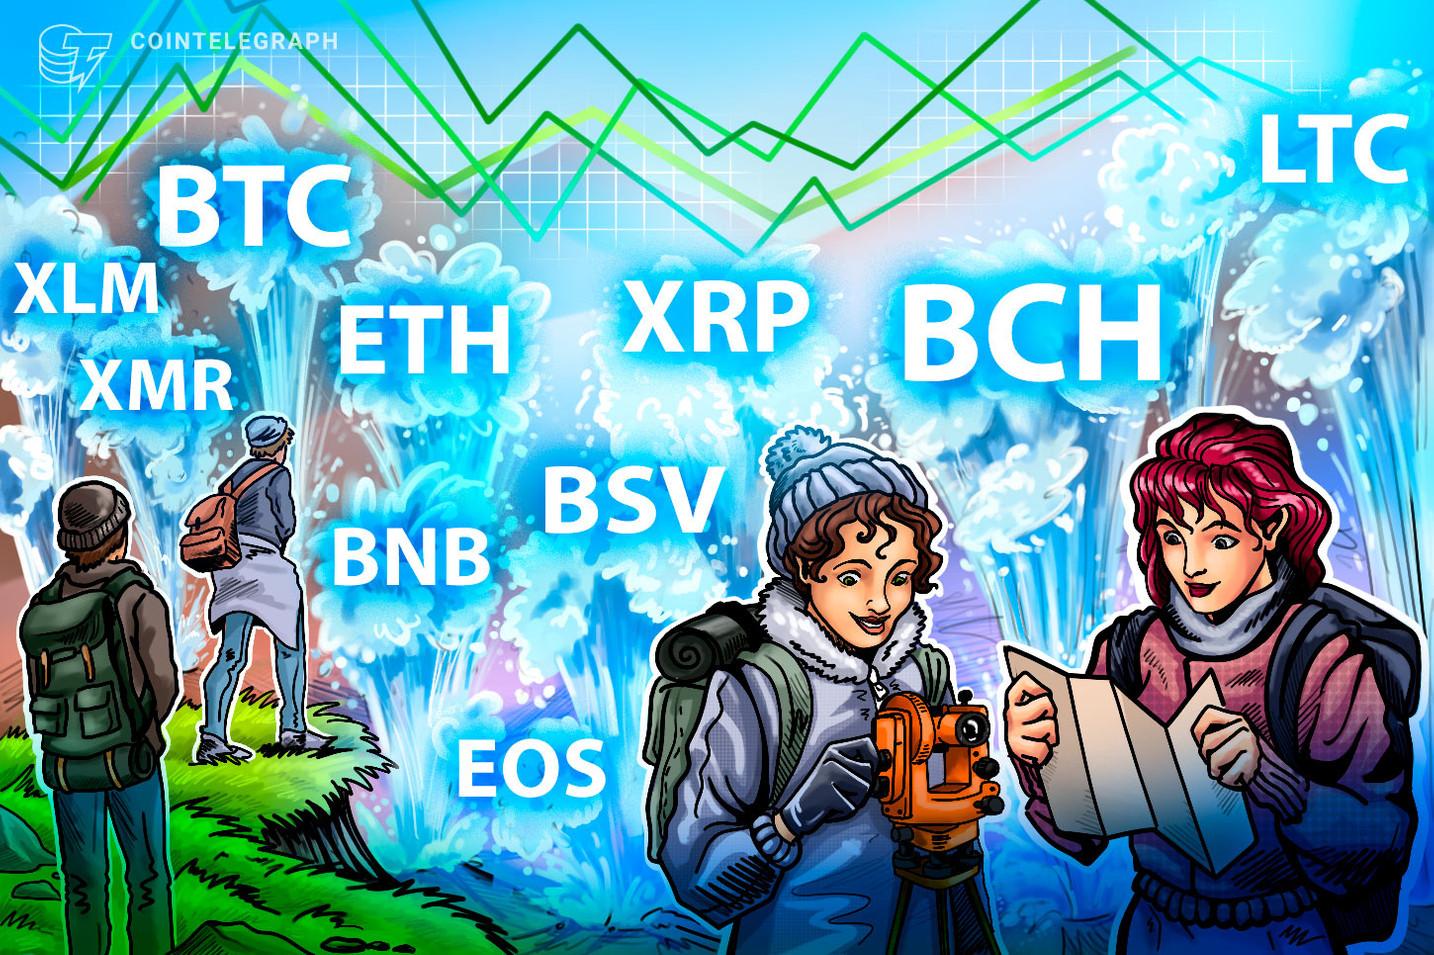 Análise de Preço 23/08: BTC, ETH, XRP, BCH, LTC, BNB, EOS, BSV, XMR, XLM